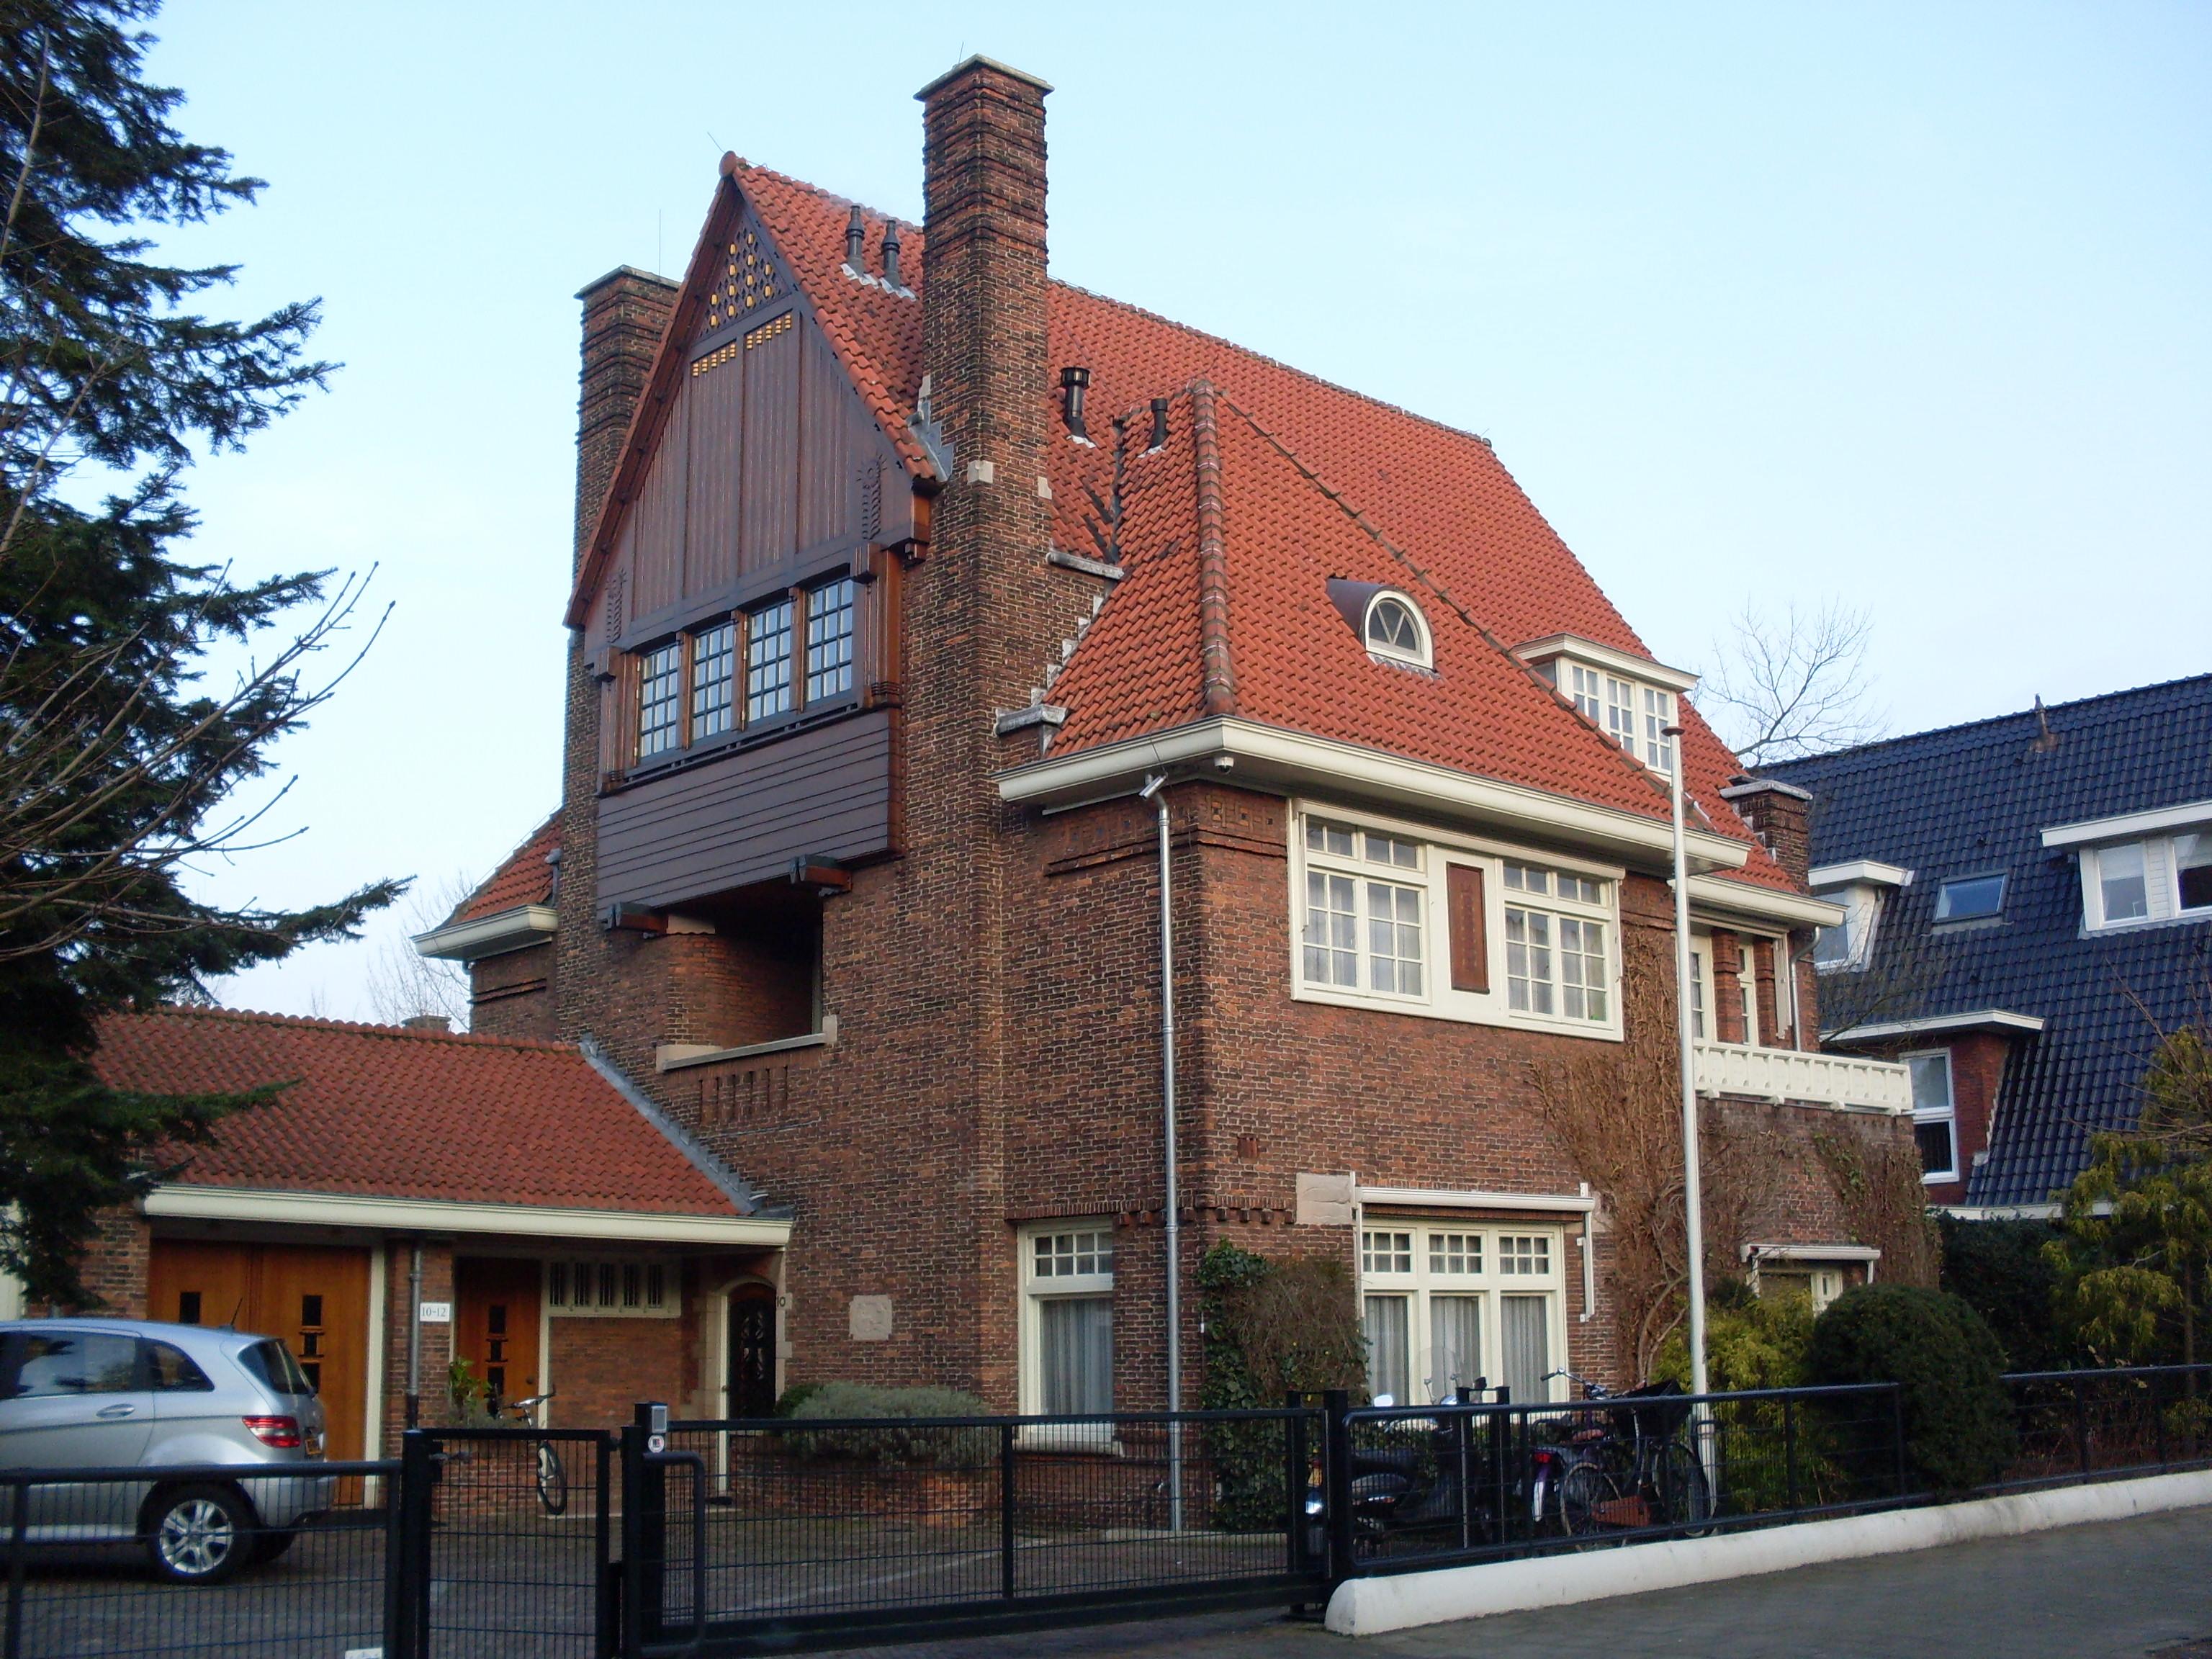 La pergola in amsterdam monument rijksmonumenten.nl